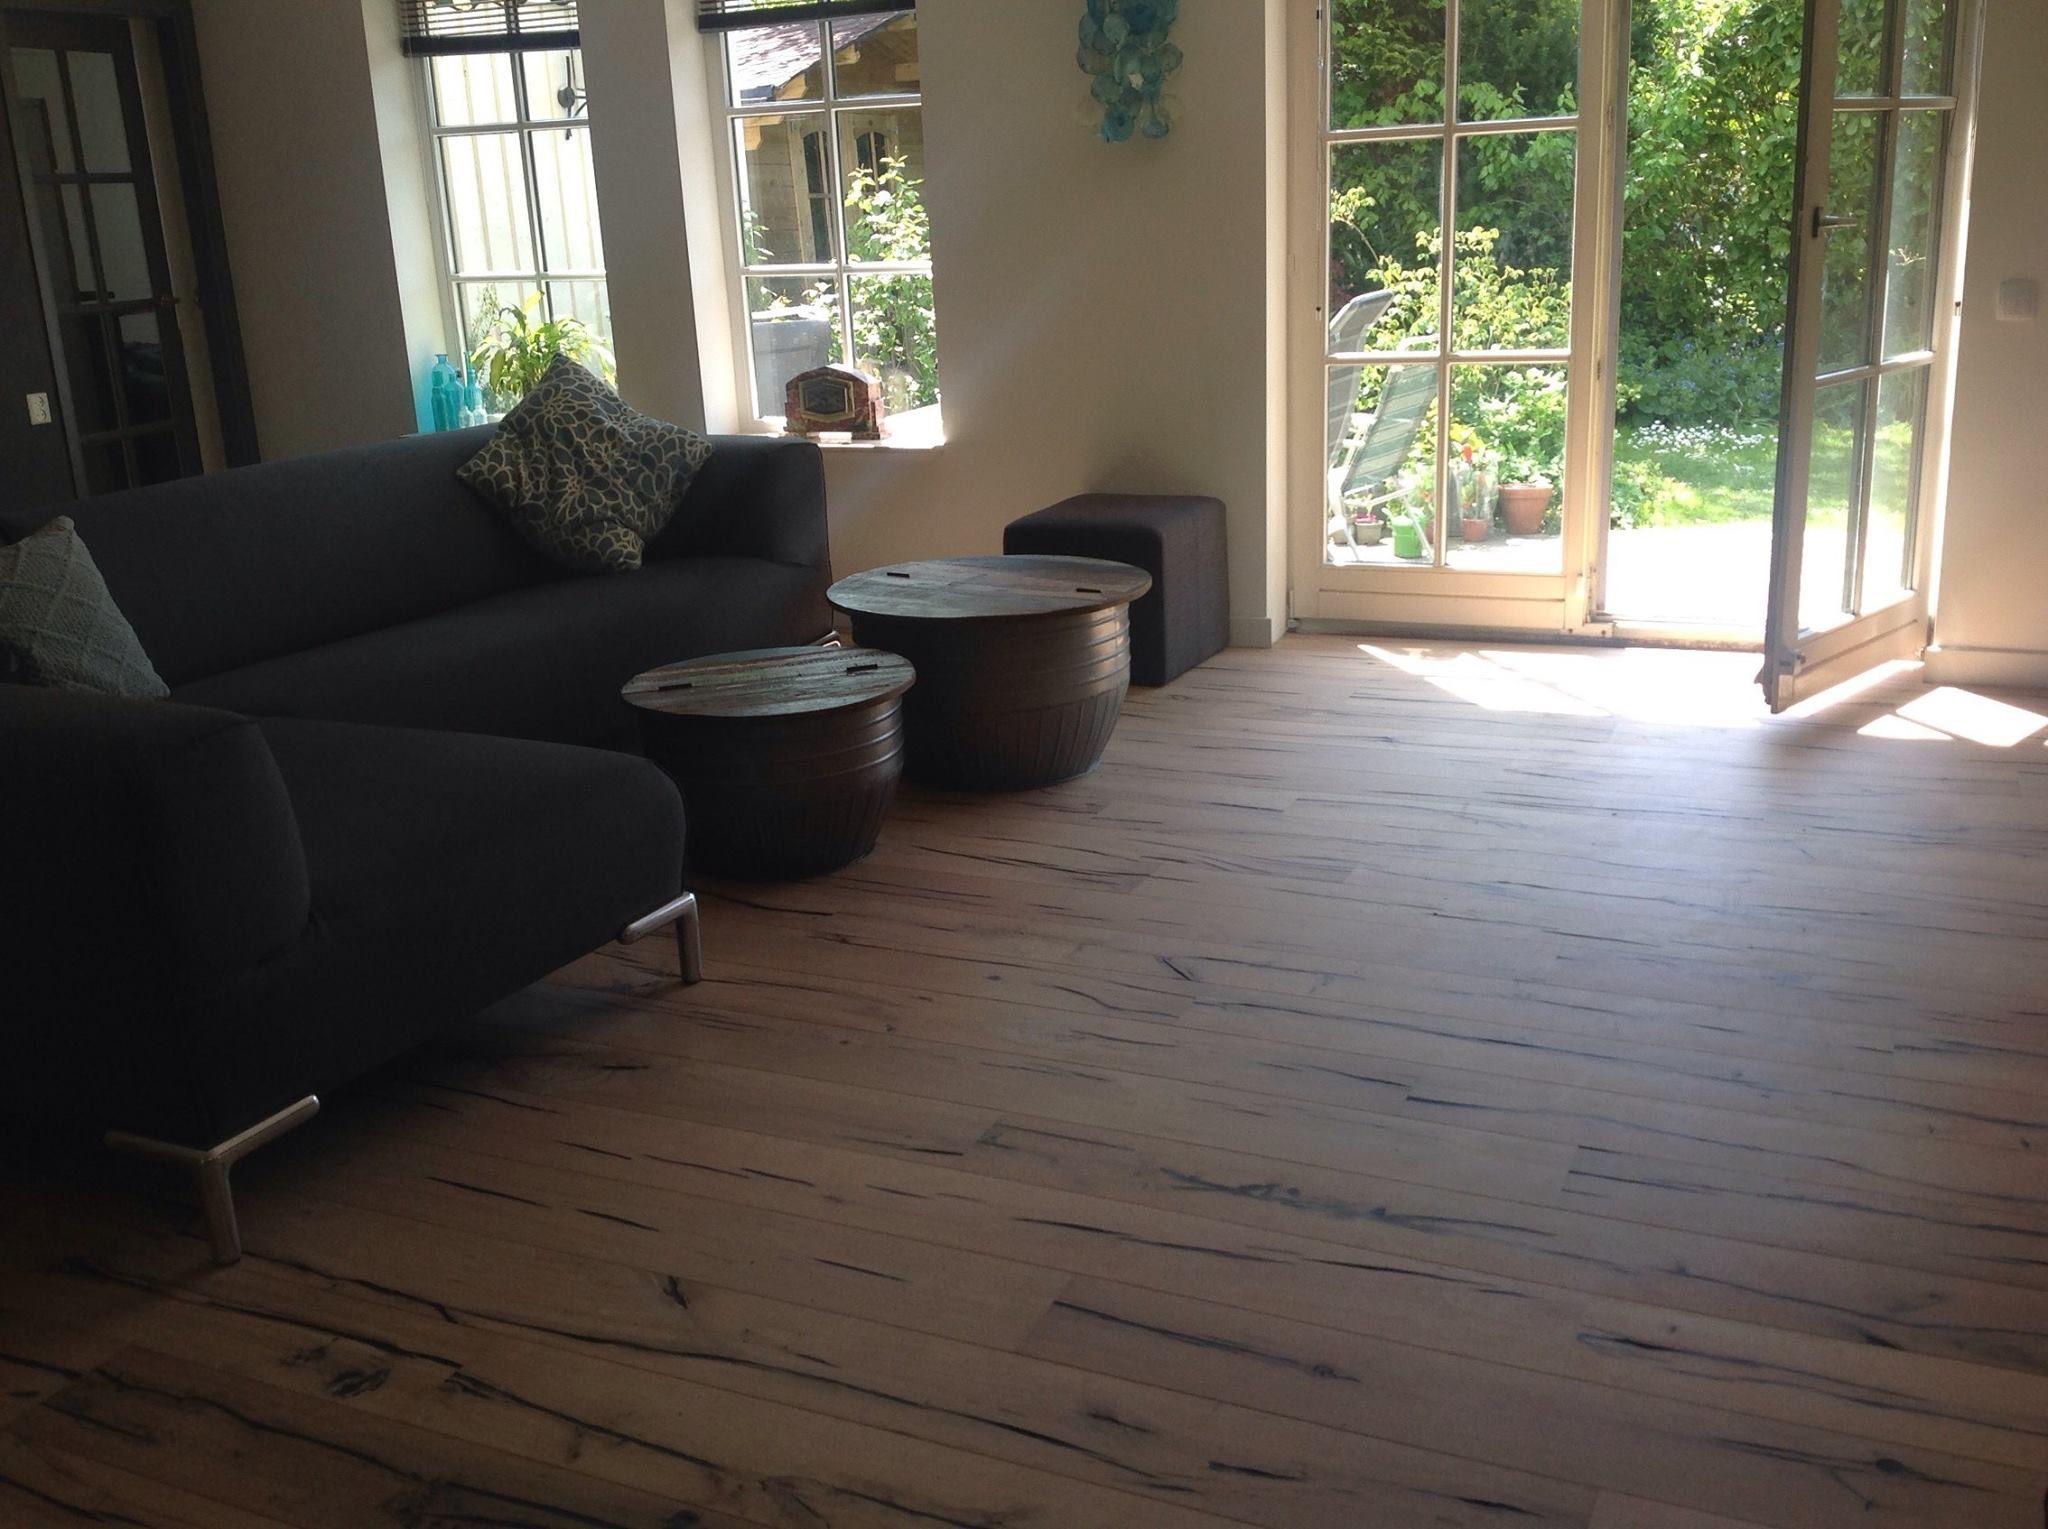 onze nature vloer met 3x skylt lak prachtige eiken houten